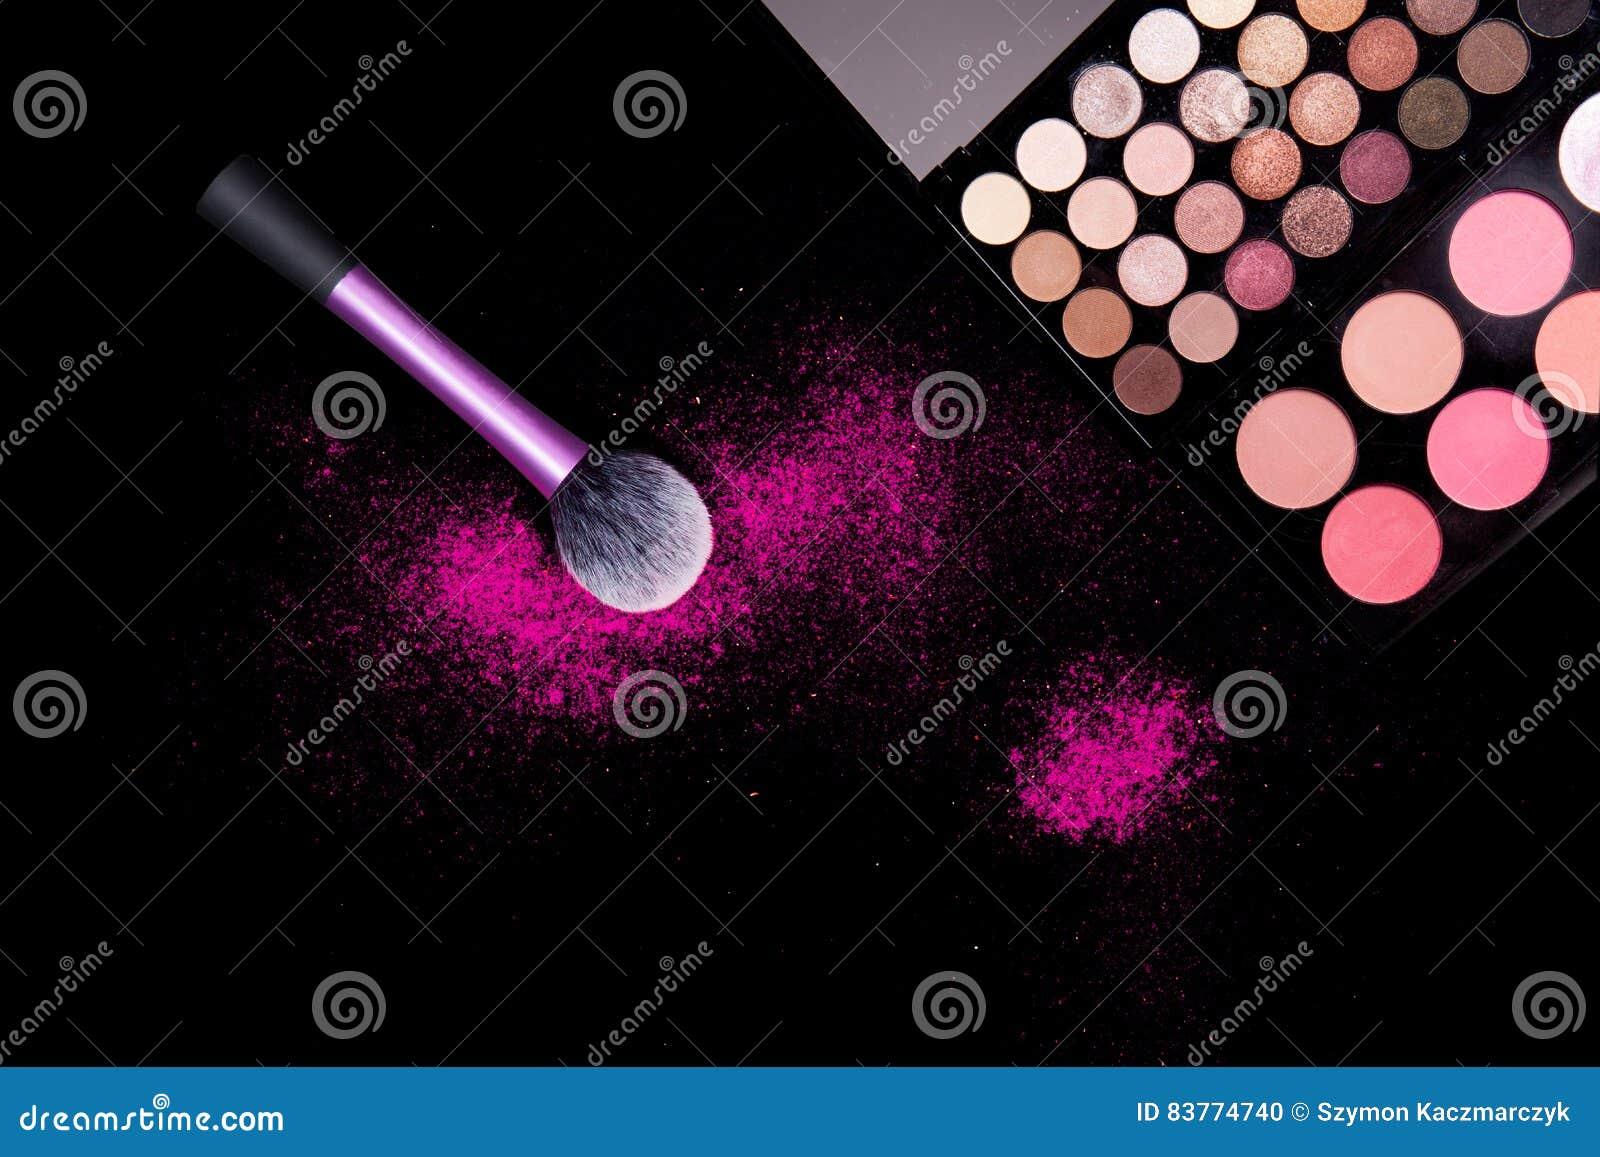 Kleurrijk make-uppalet en roze grote borstel om poeder op zuivere zwarte achtergrond toe te passen Professioneel make-upmateriaal